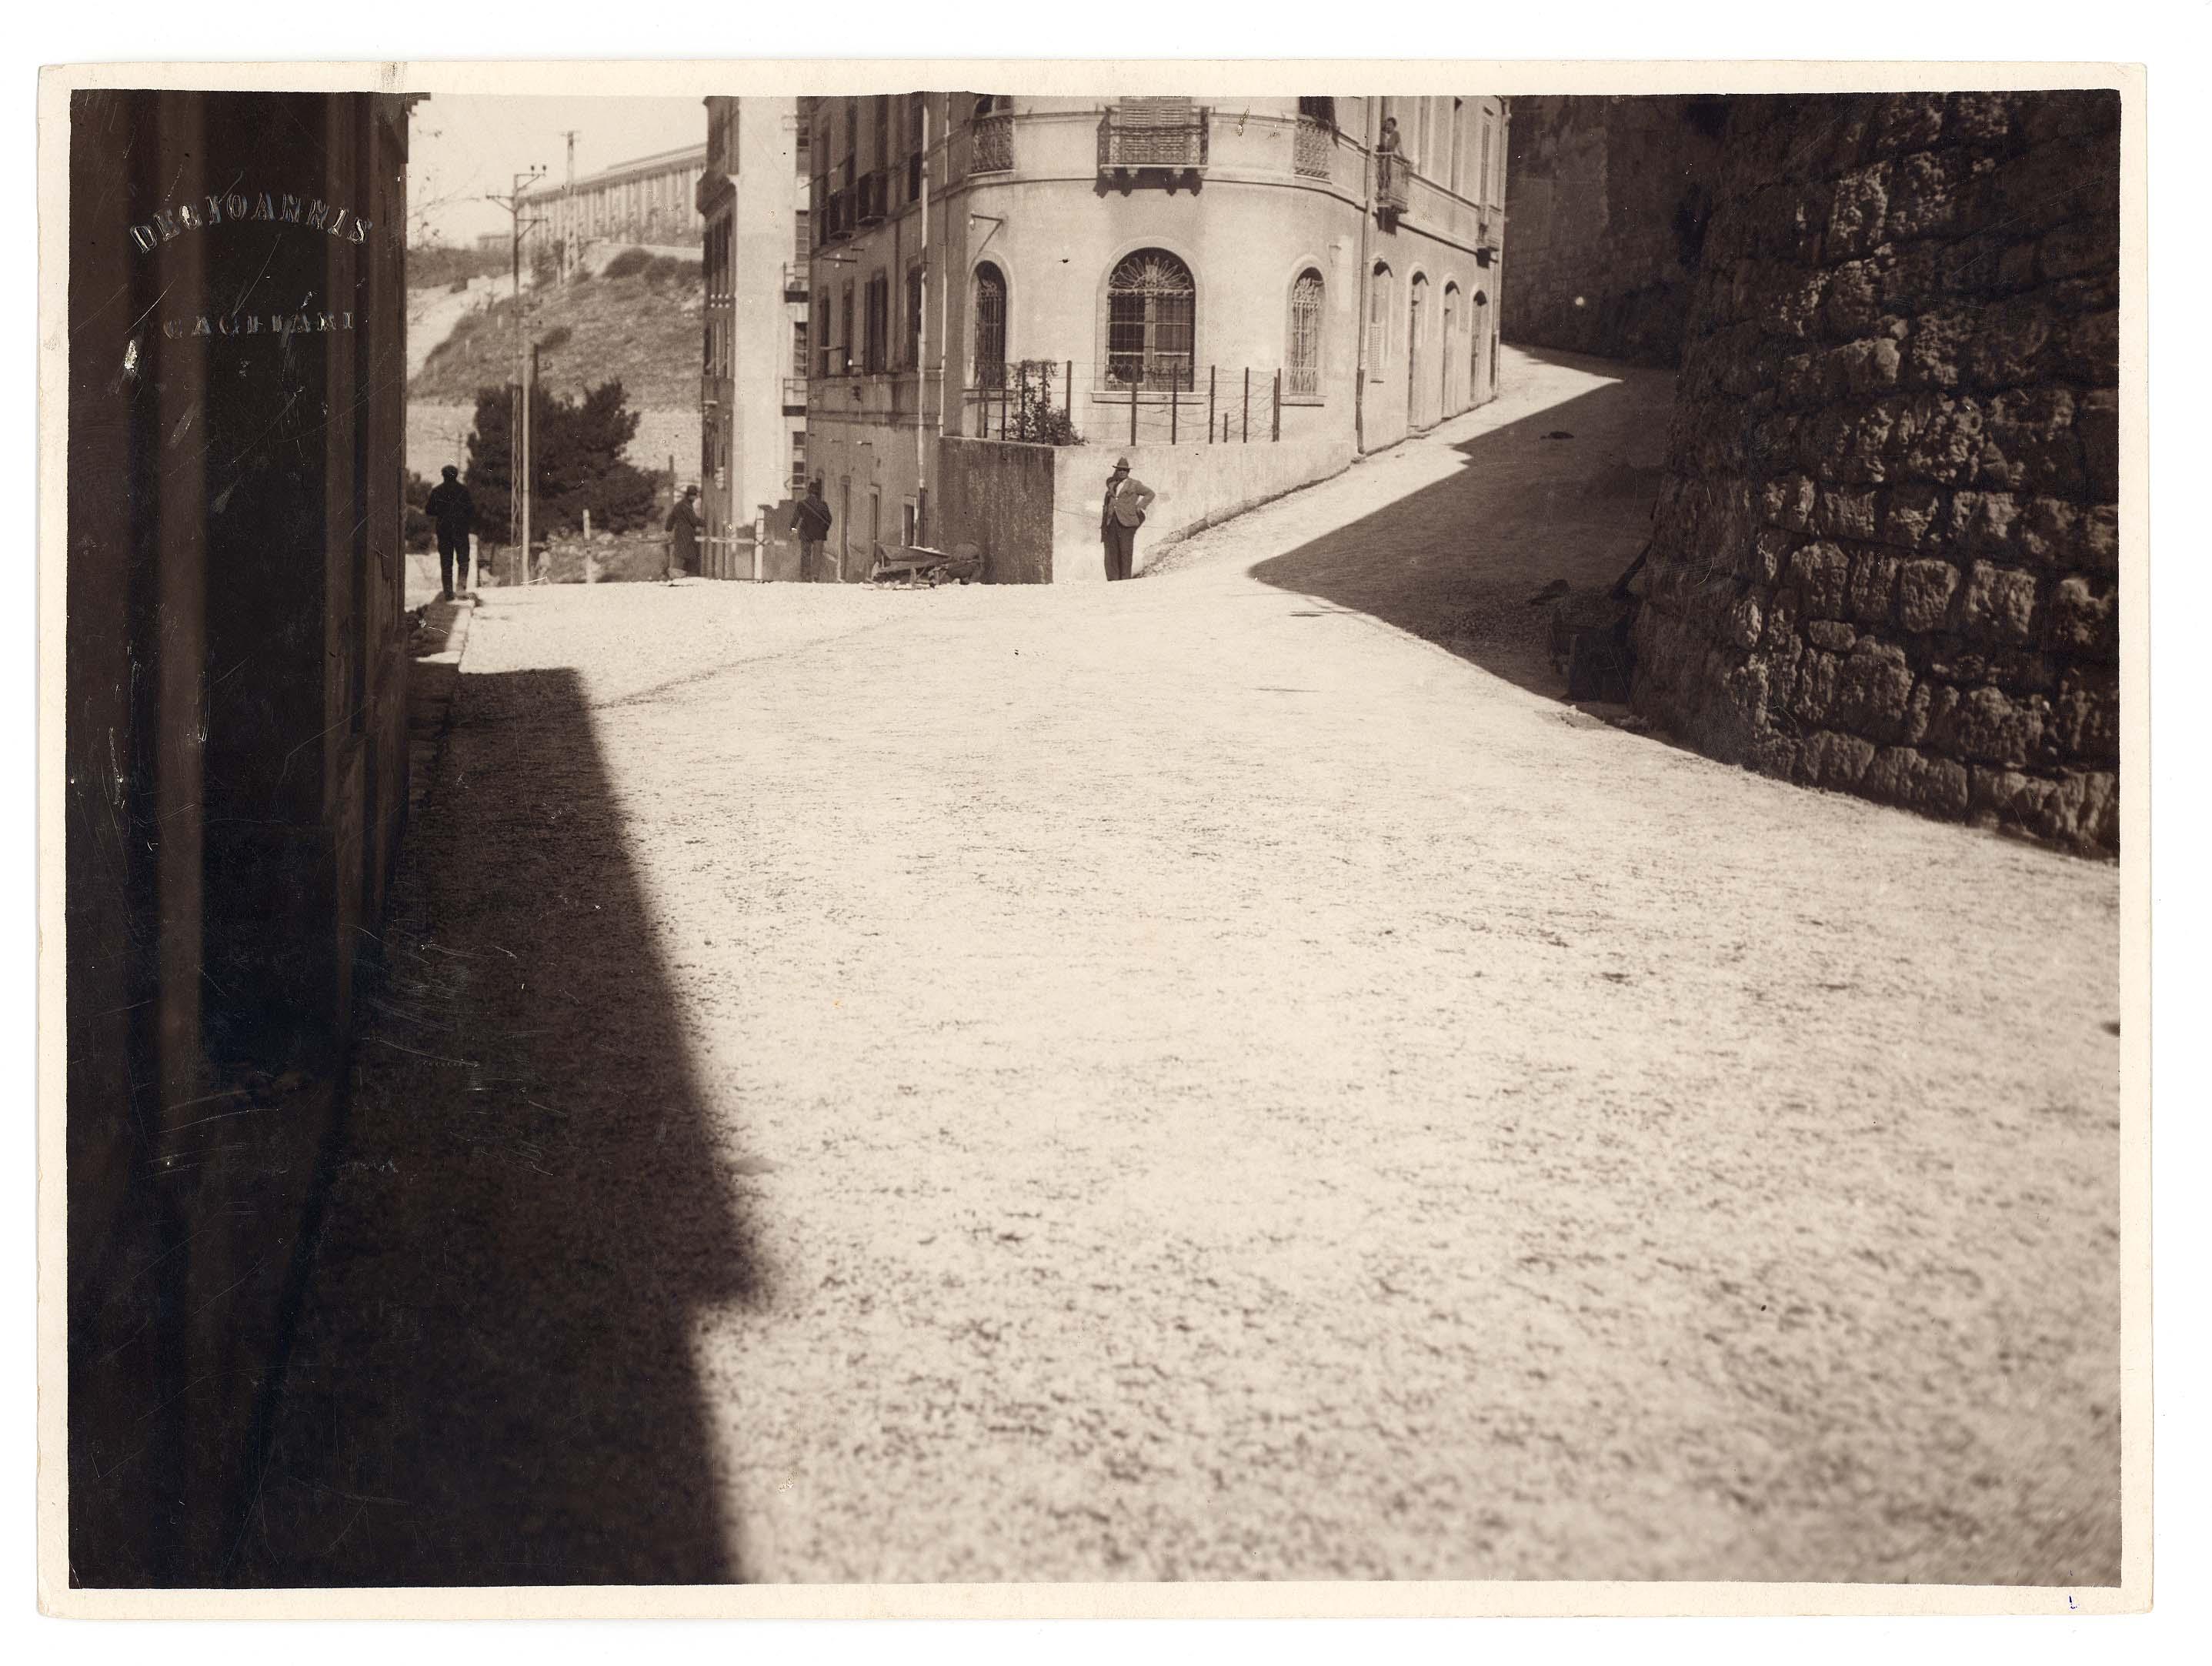 Archivio Comunale - 1930 - Topografia_jpg_foto 0015 2-2